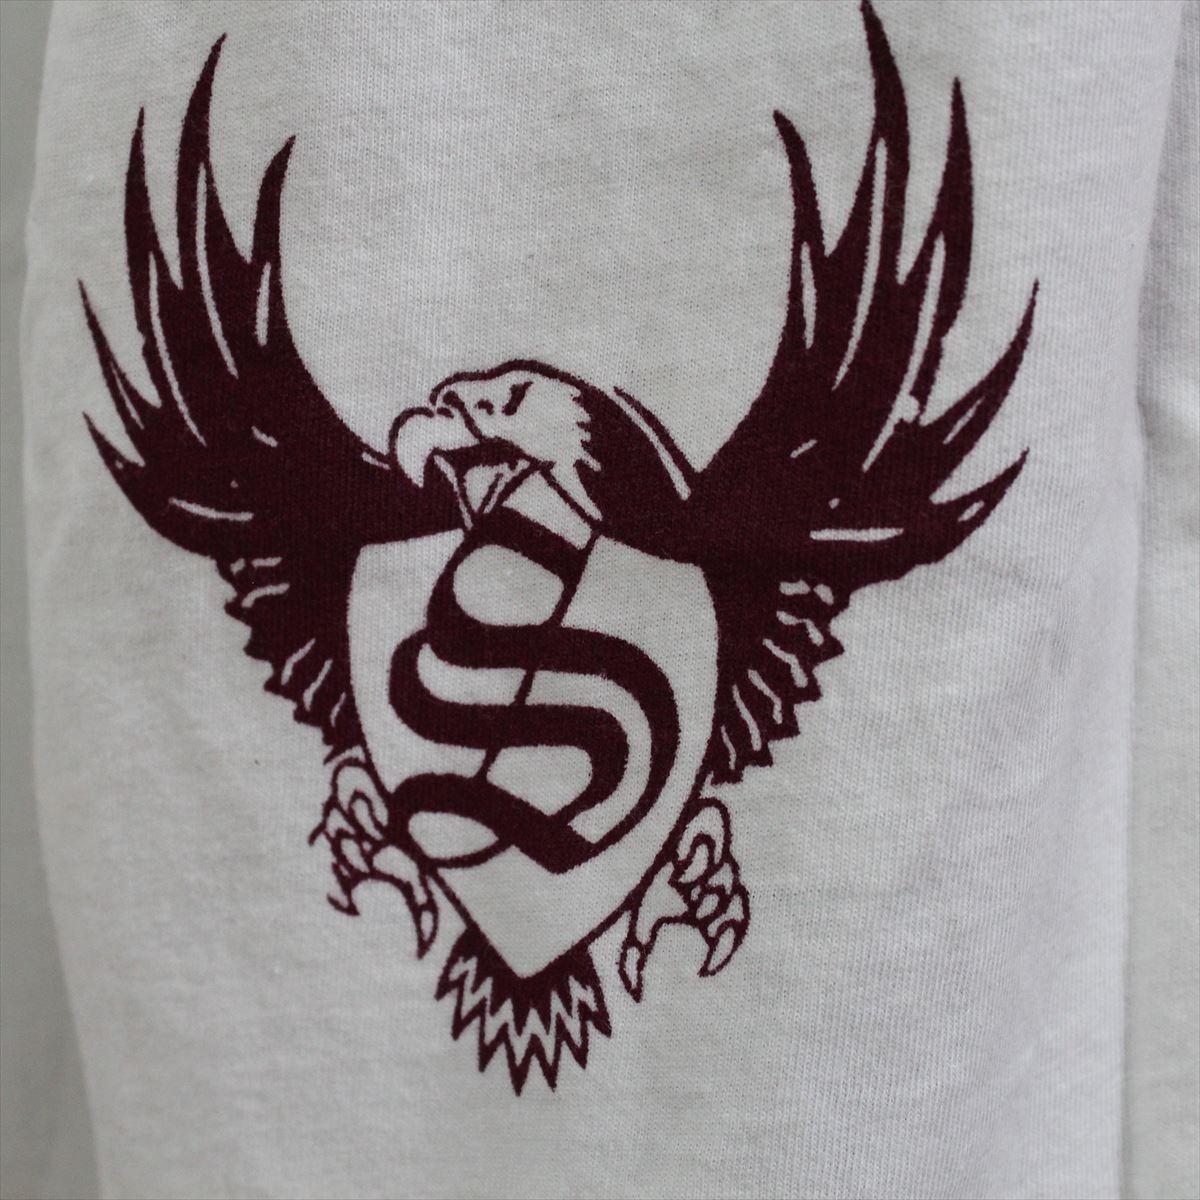 スメット SMET メンズ半袖Tシャツ ホワイト Sサイズ NO11 新品 白 スカル_画像5